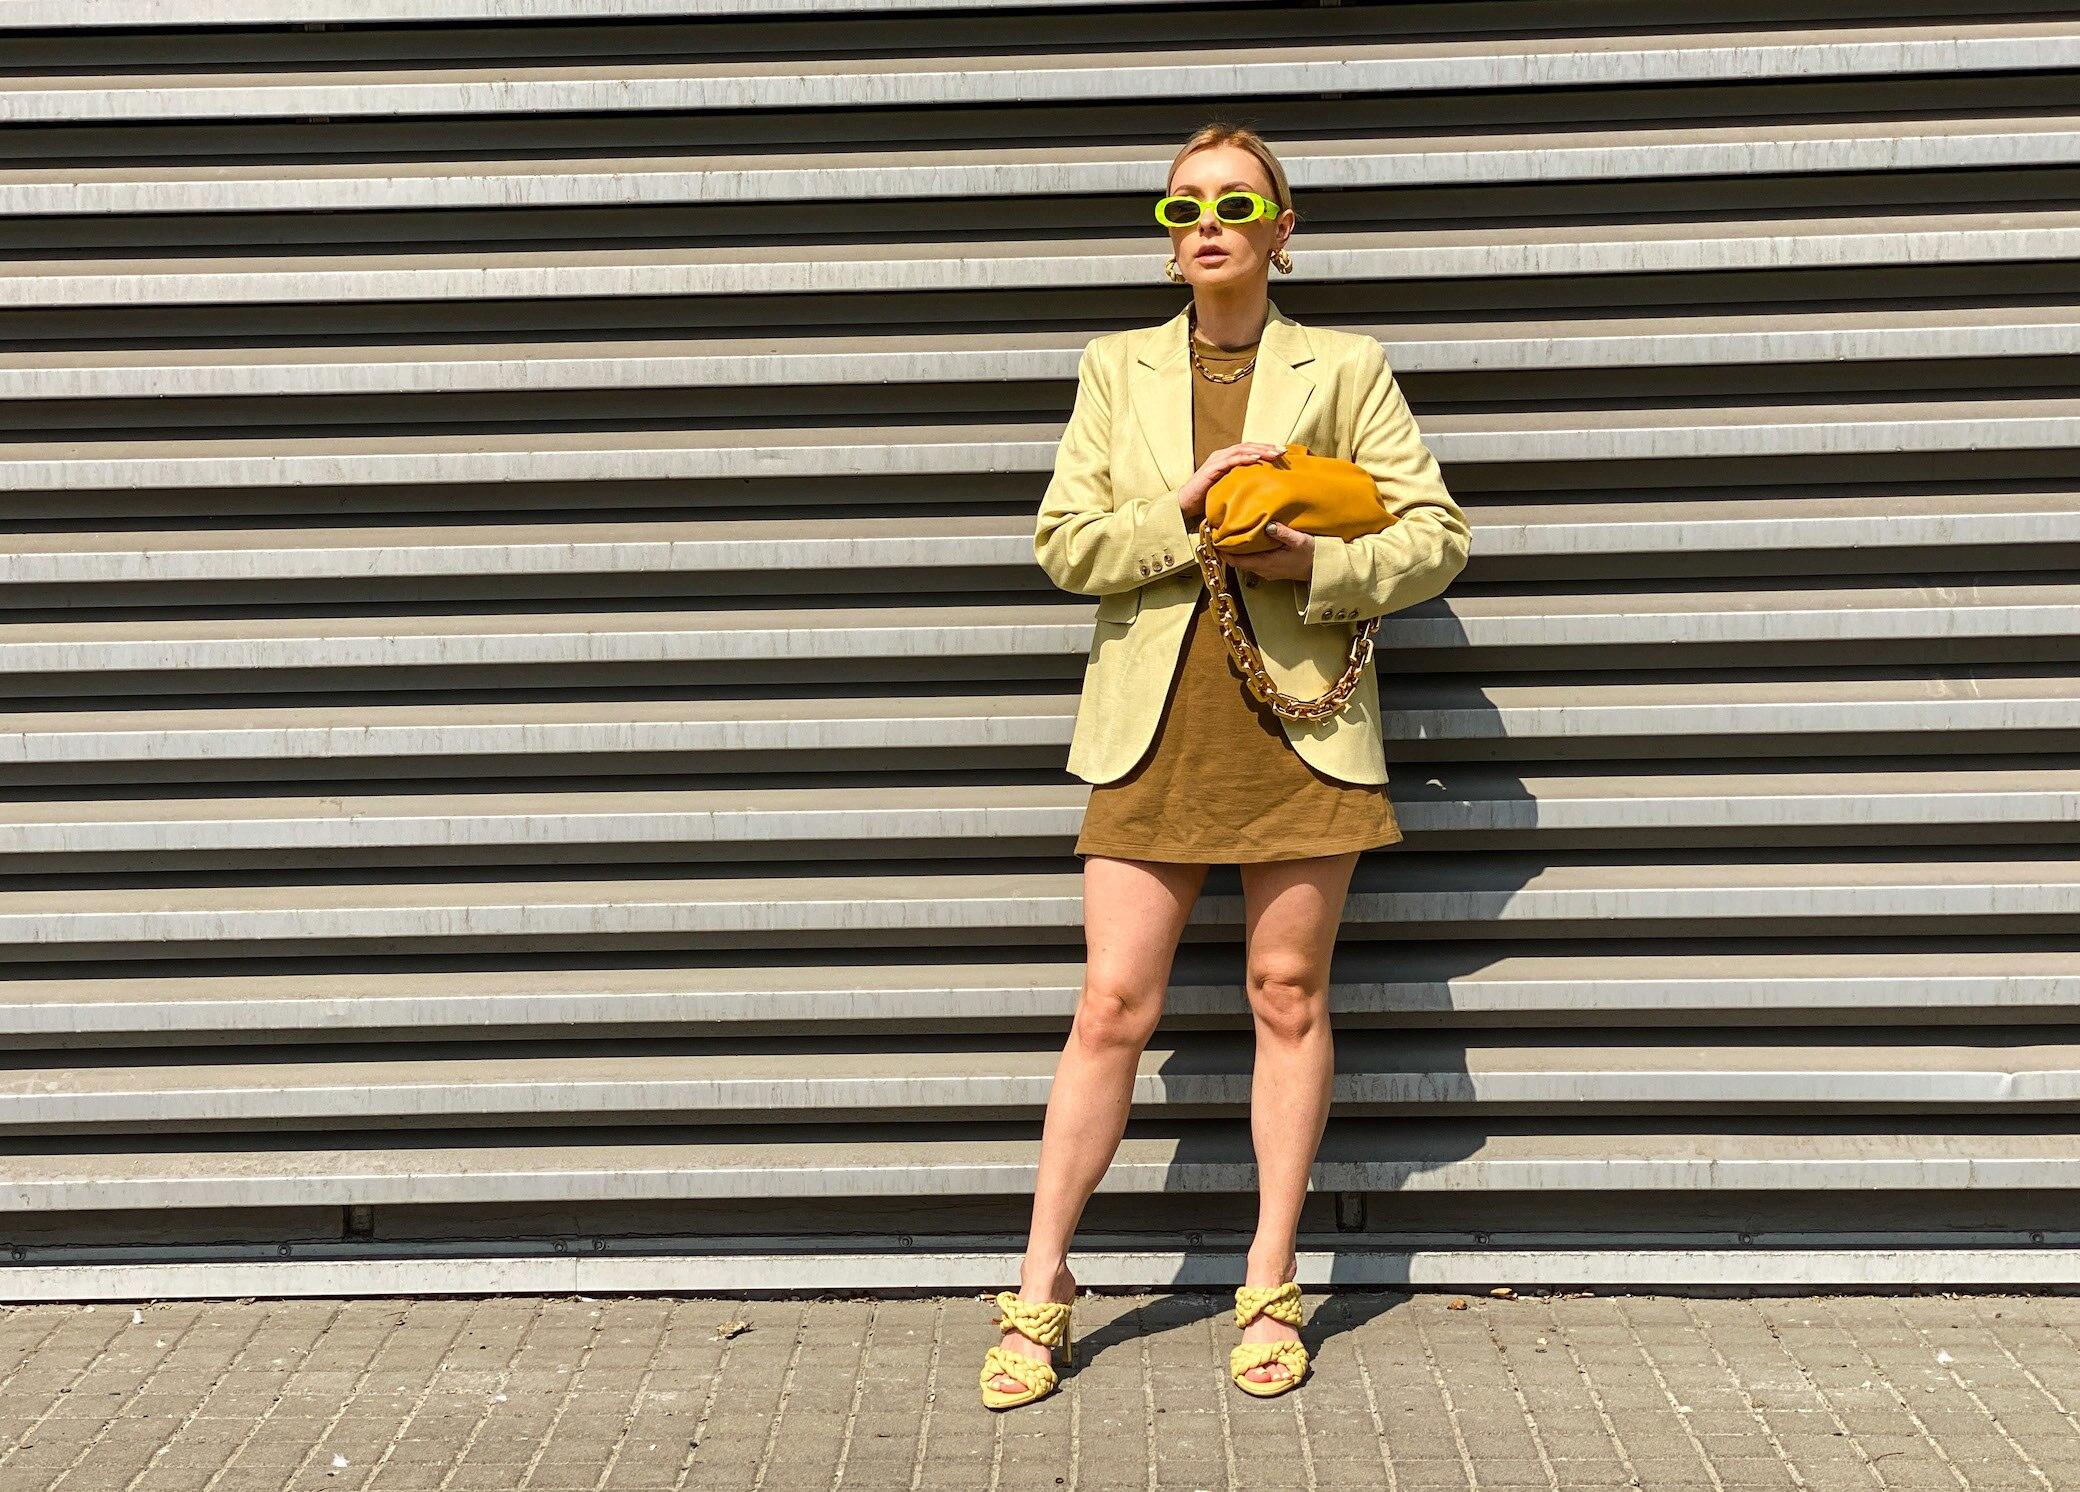 Neuheiten im Check 9 schöne Kleider von H&M, Mango, Zara